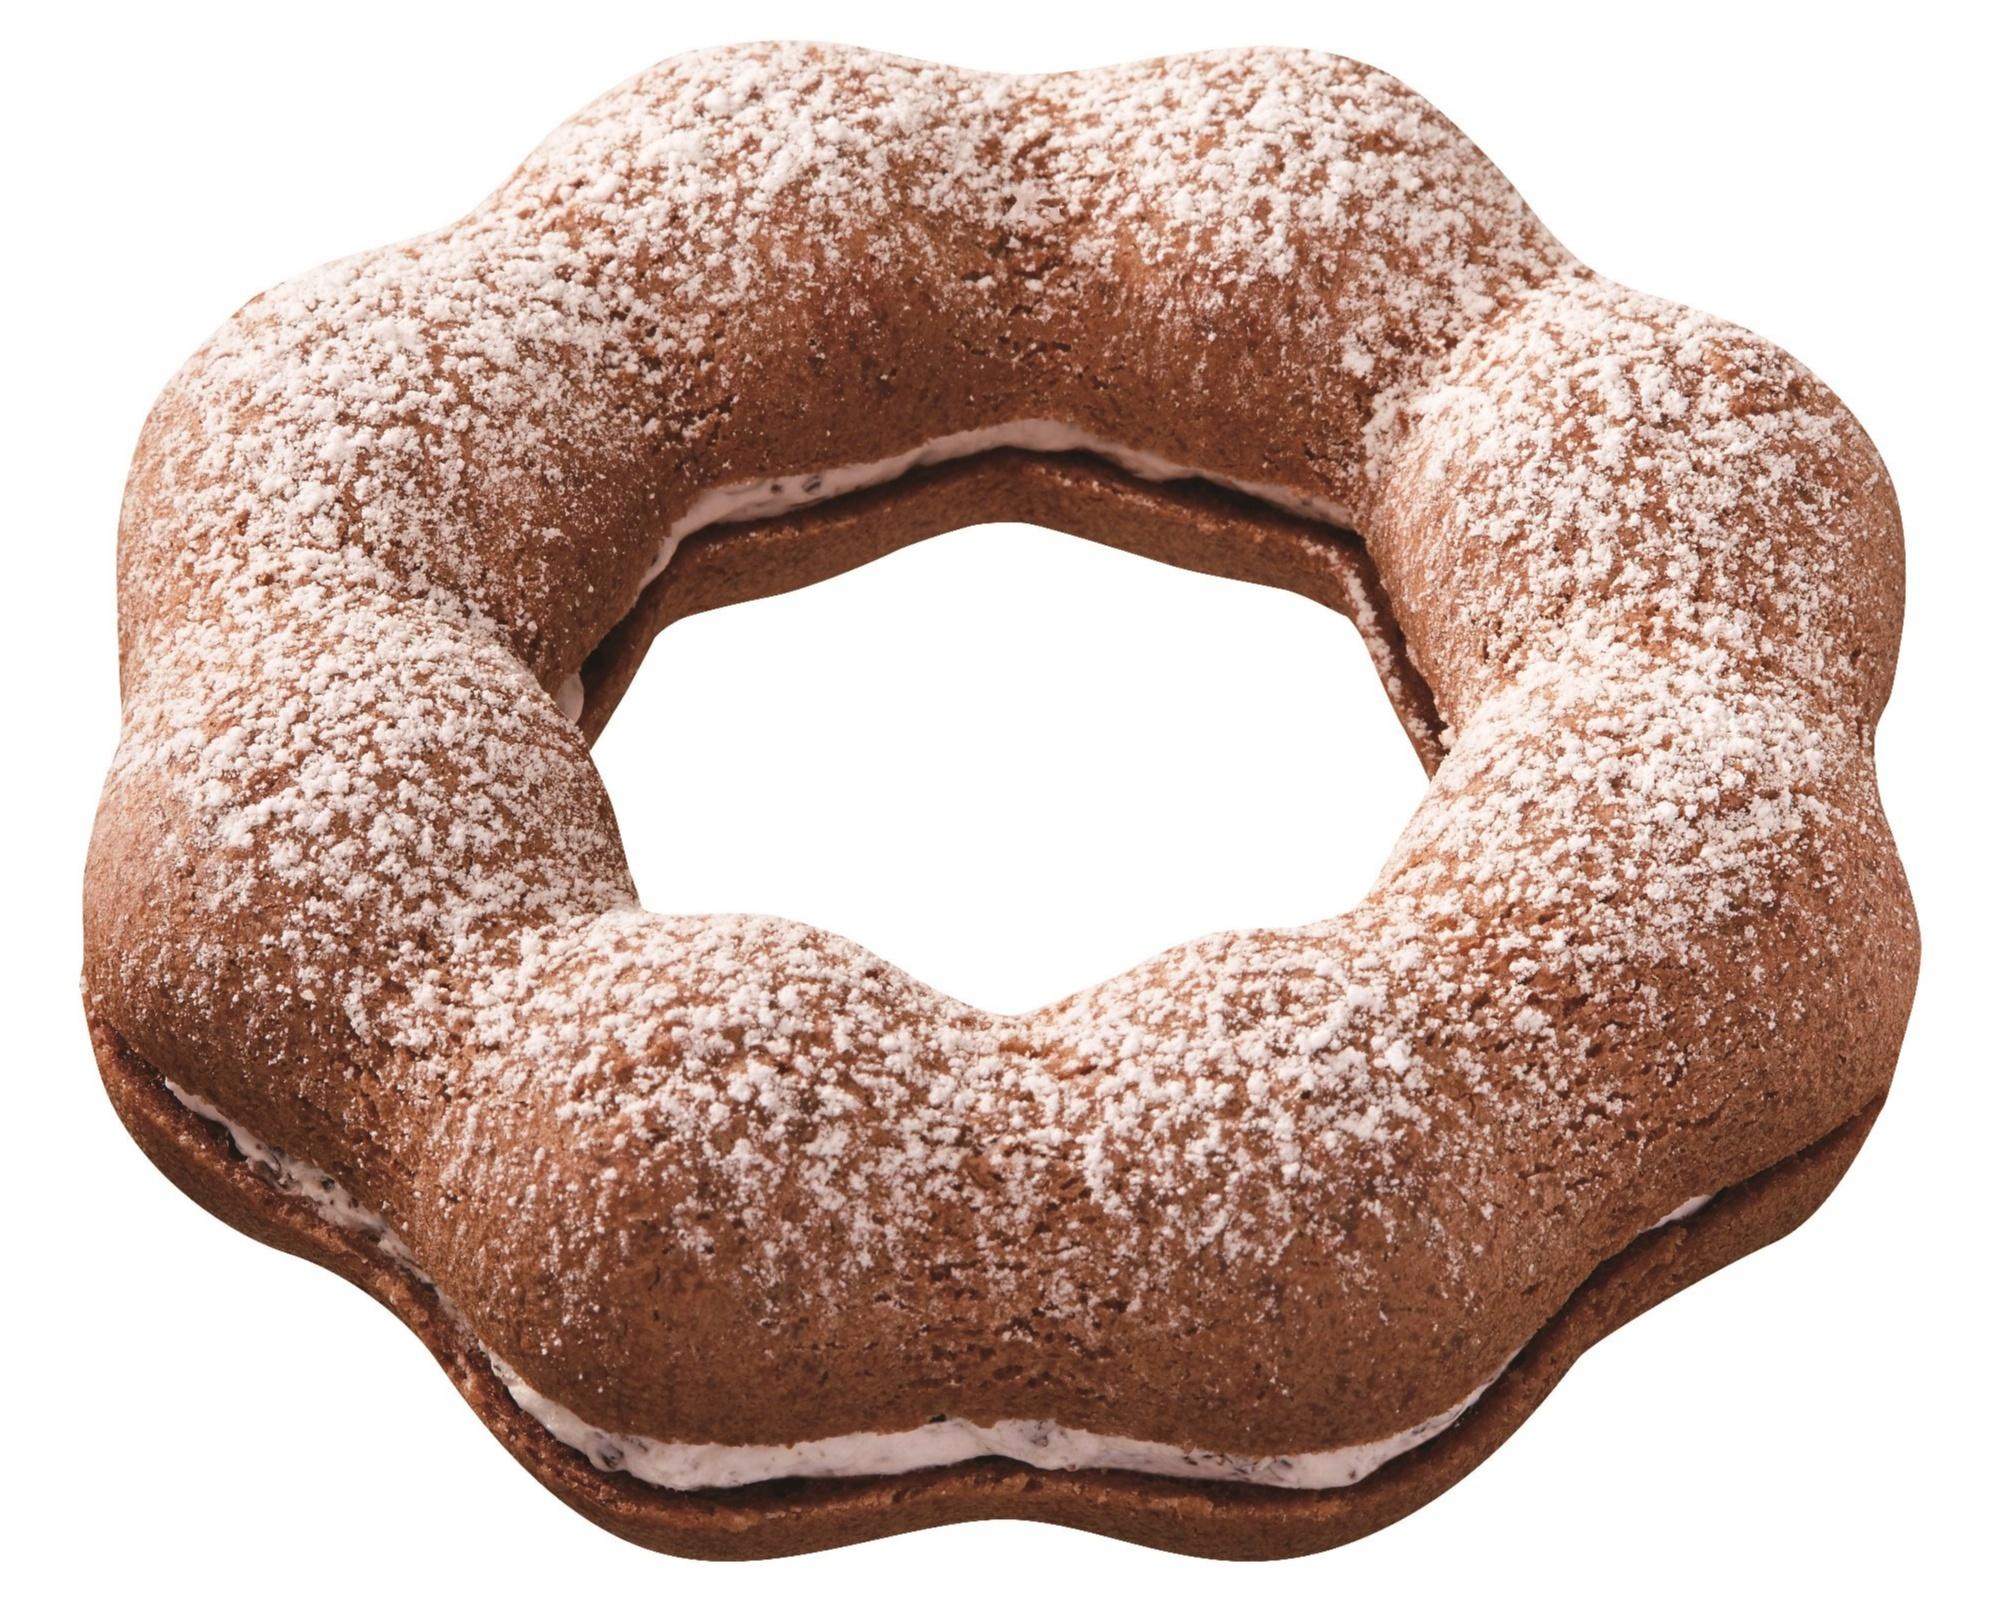 チョコが集まる「ショコラカーニバル」開催中☆ 大好きな『ミスタードーナツ』に行かなくちゃ!!!_2